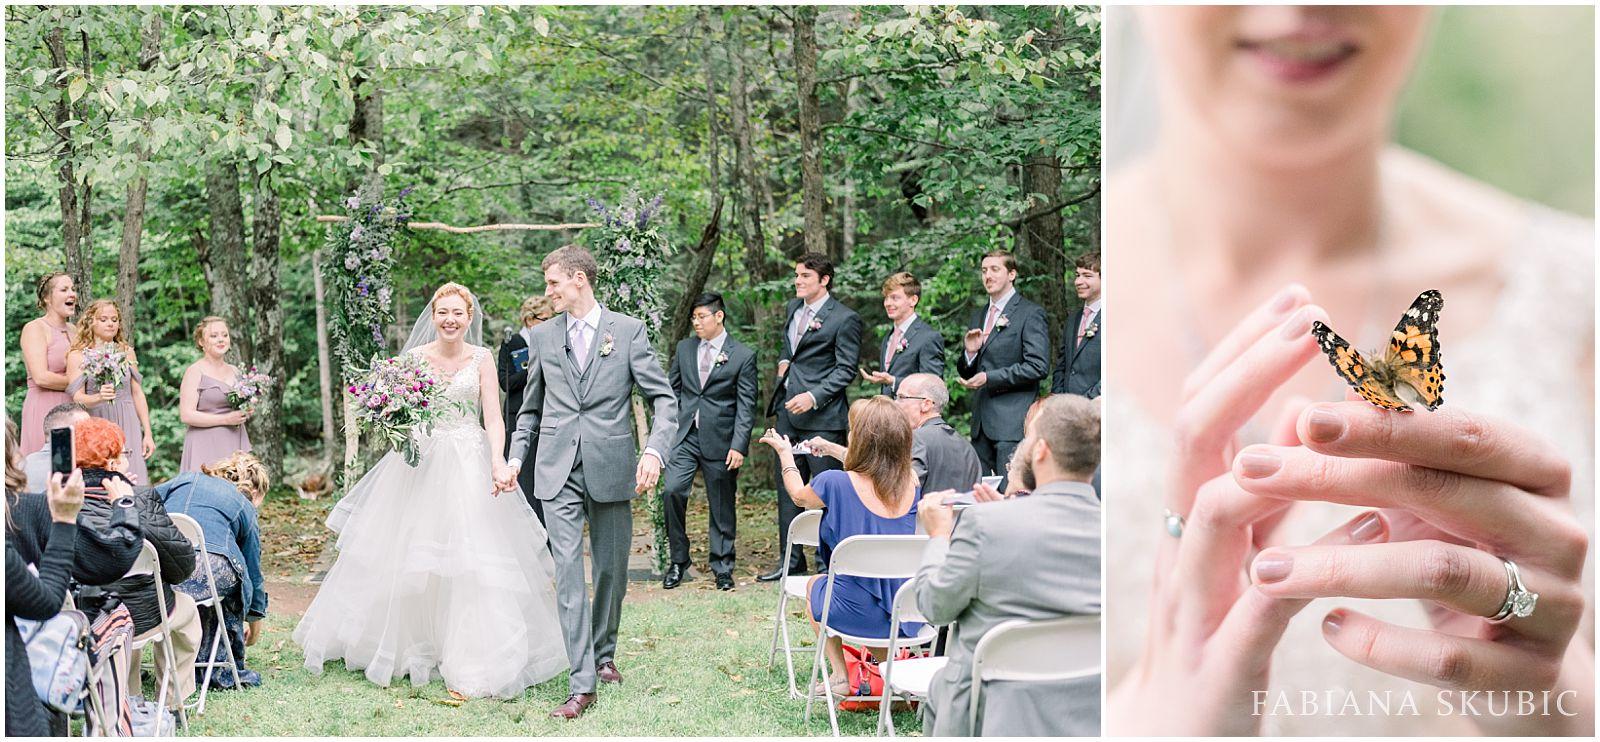 FabianaSkubic_J&M_FullMoonResort_Wedding_0074.jpg